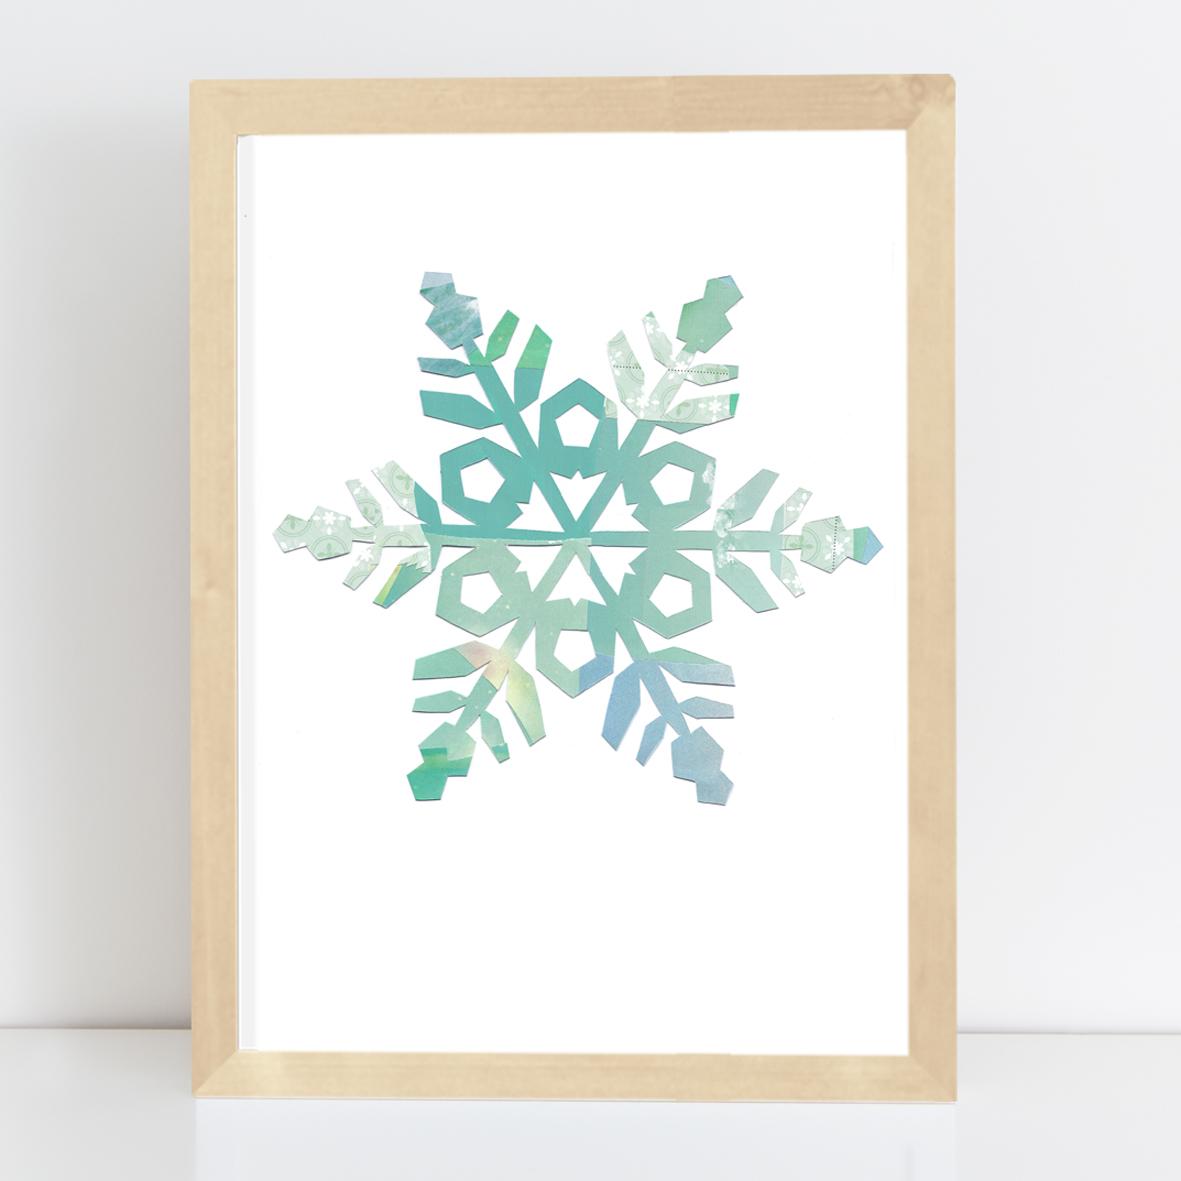 Poster Schneestern Nr.2 Kunstdruck Collage A4